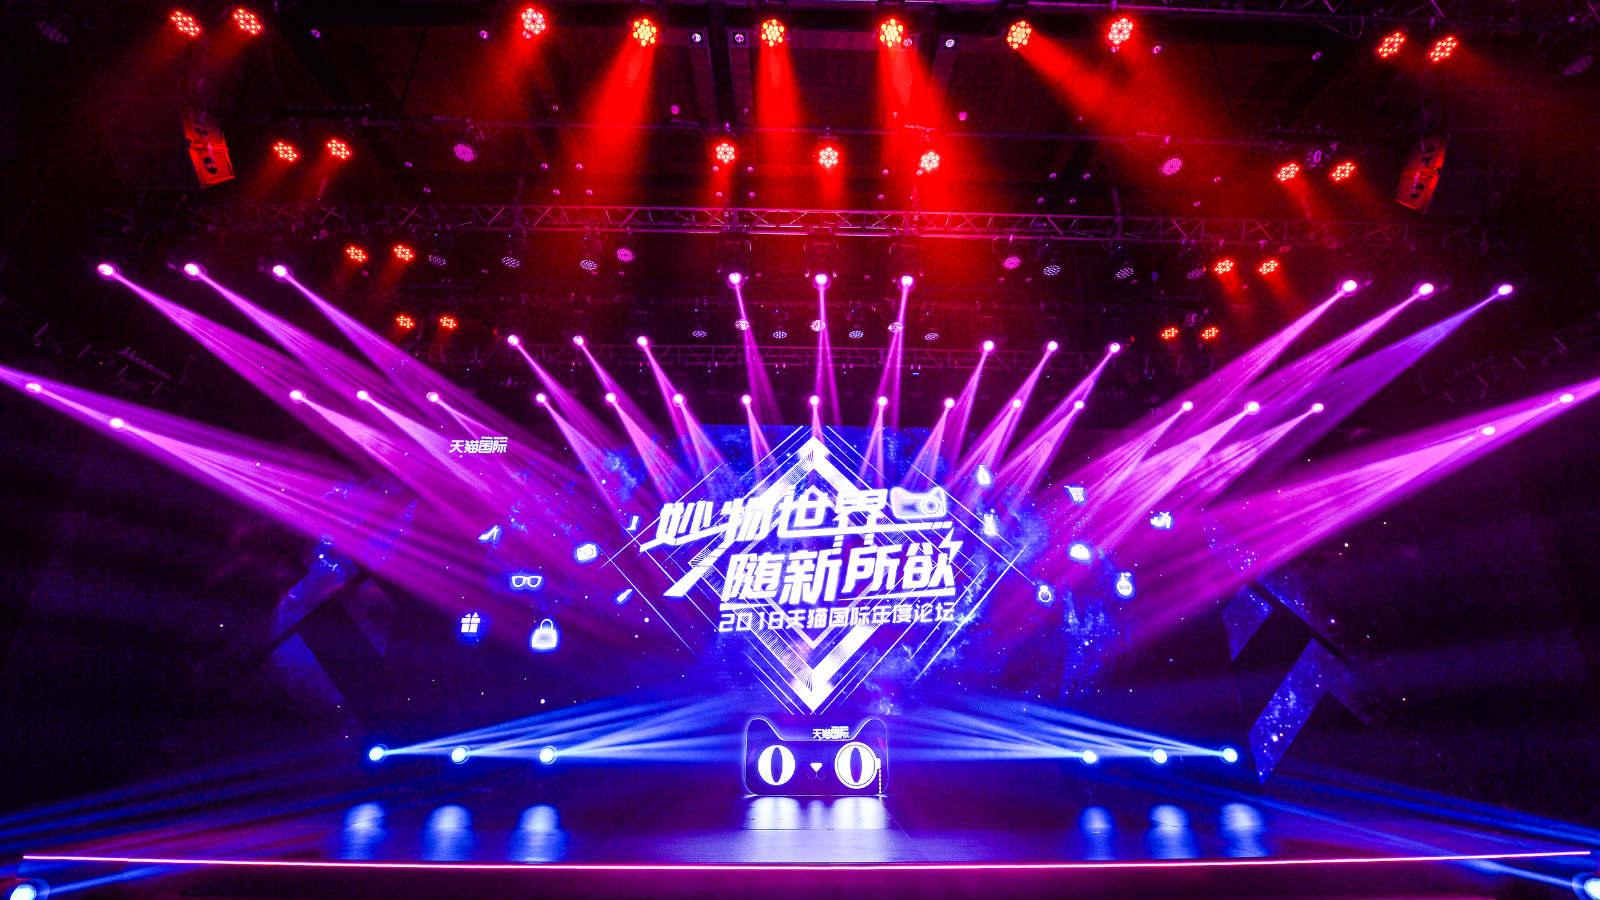 2月6日天猫国际年度进口消费论坛现场1_meitu_4